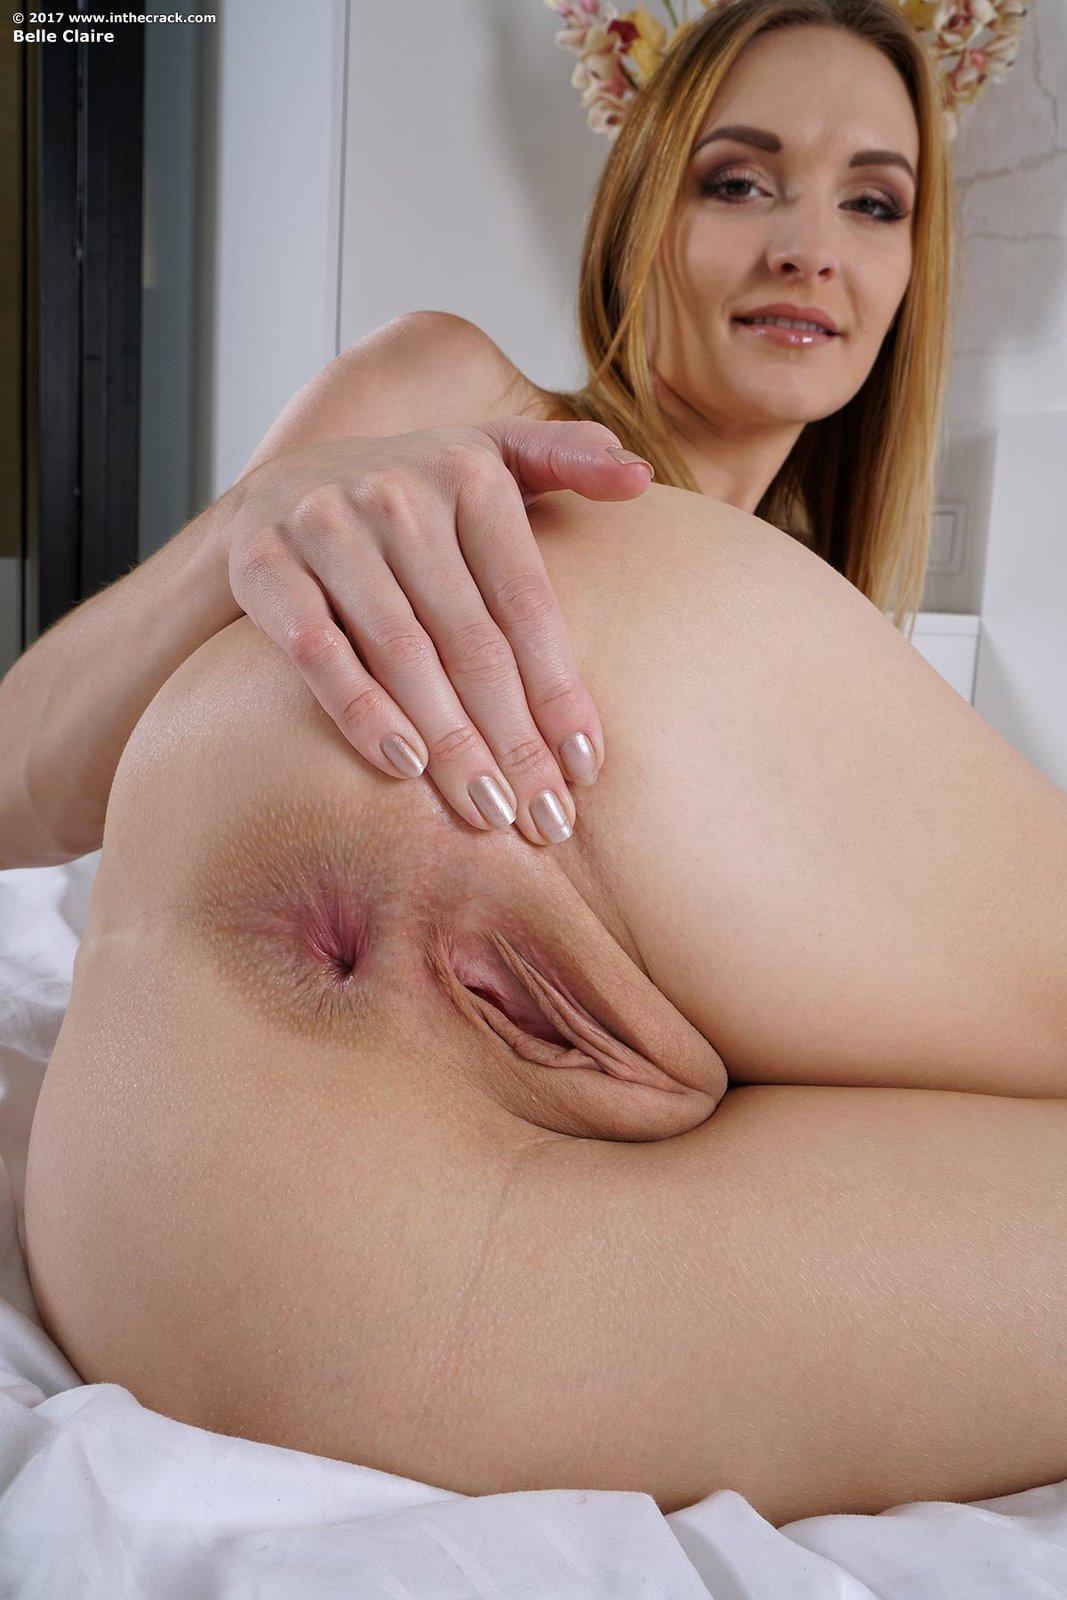 Порно фото девок раздвигающих булки бабе длинный хуй